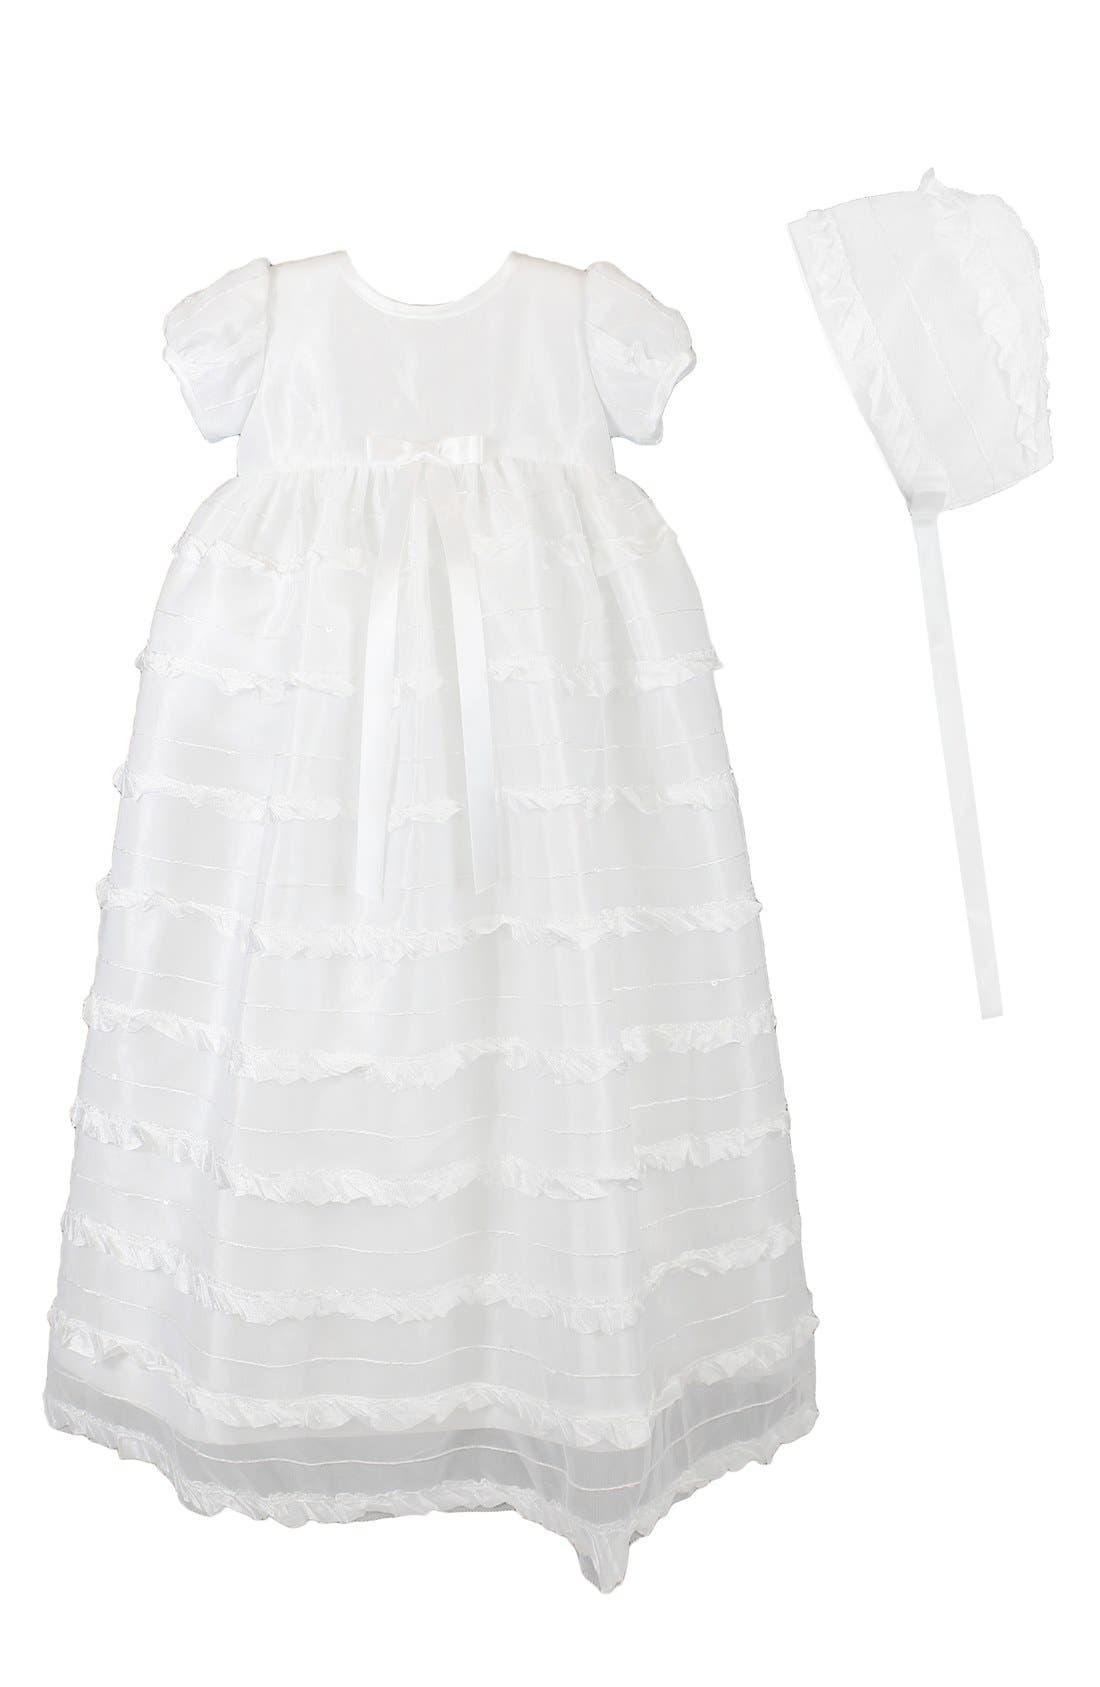 C.I. CASTRO & CO. C.I. Castro & Co 'Eyelash' Christening Gown & Bonnet, Main, color, 100